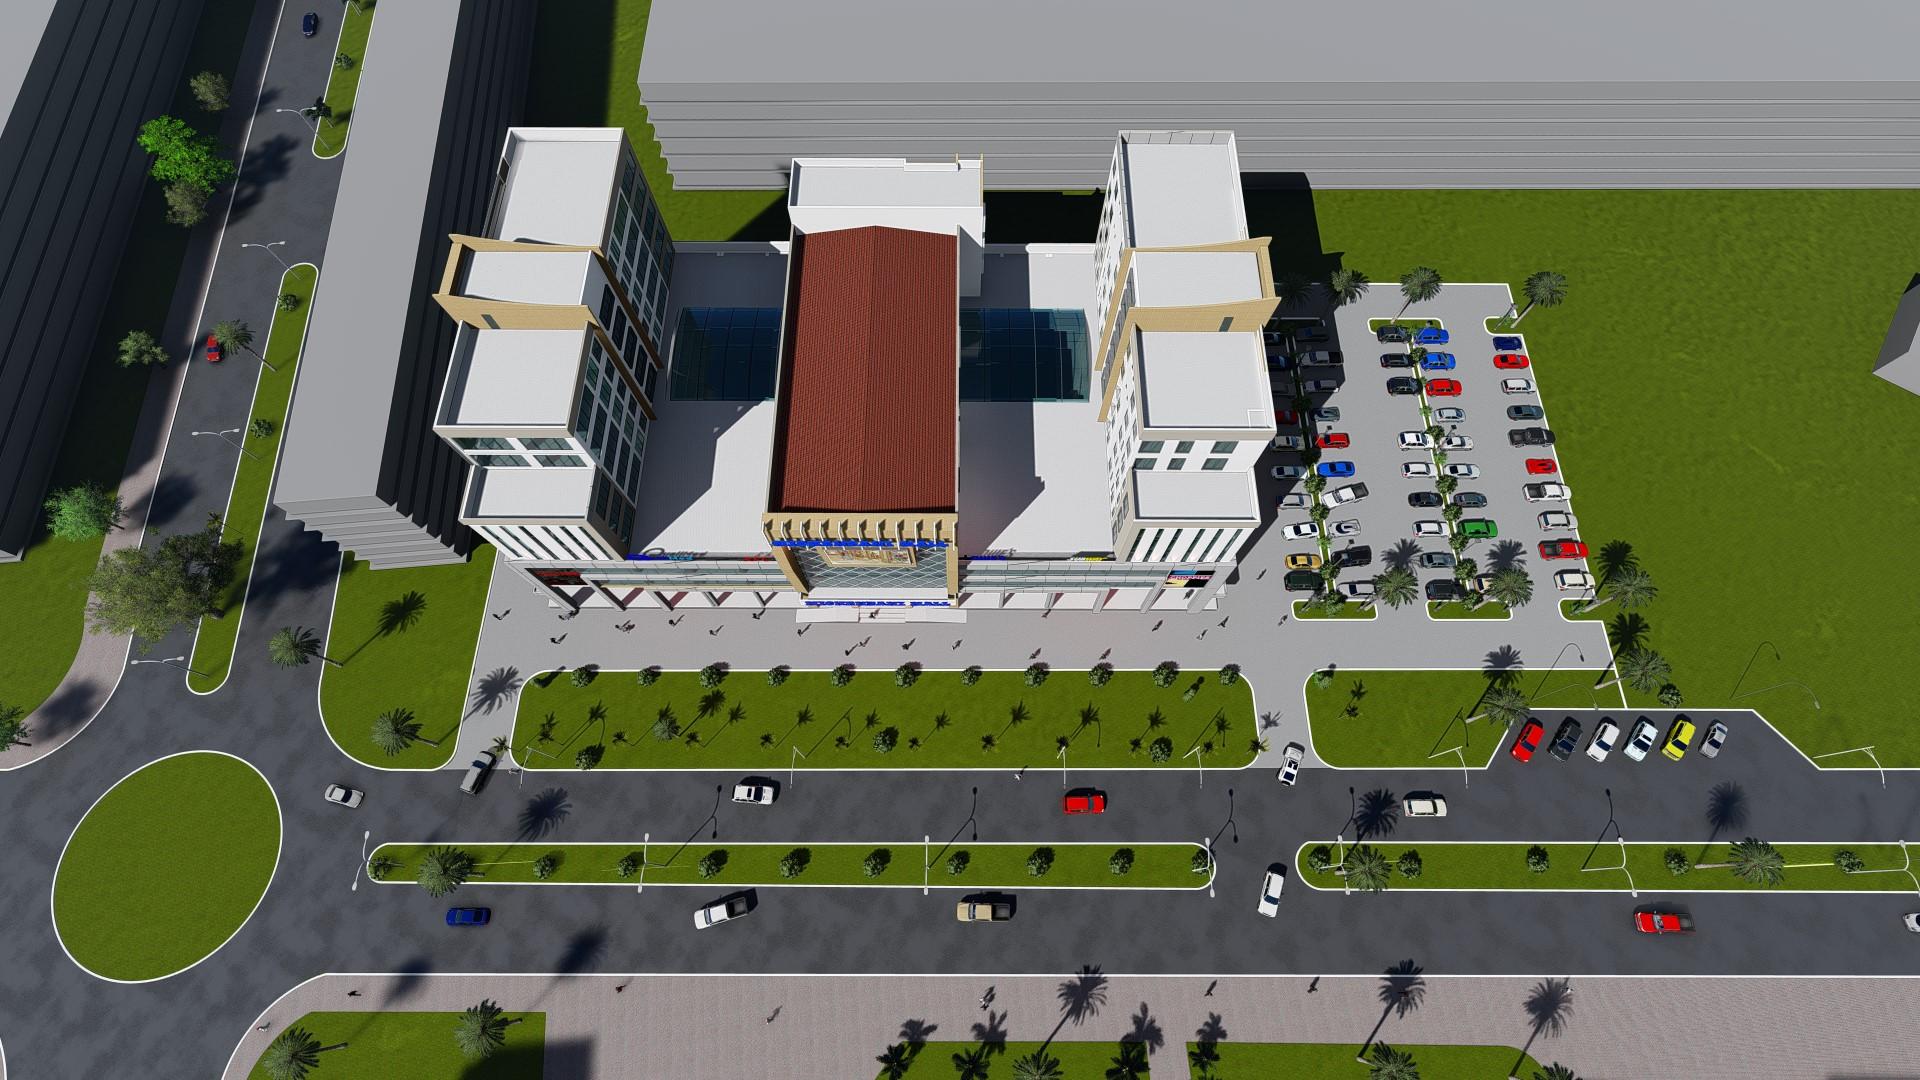 Michenzani Mall – Top View